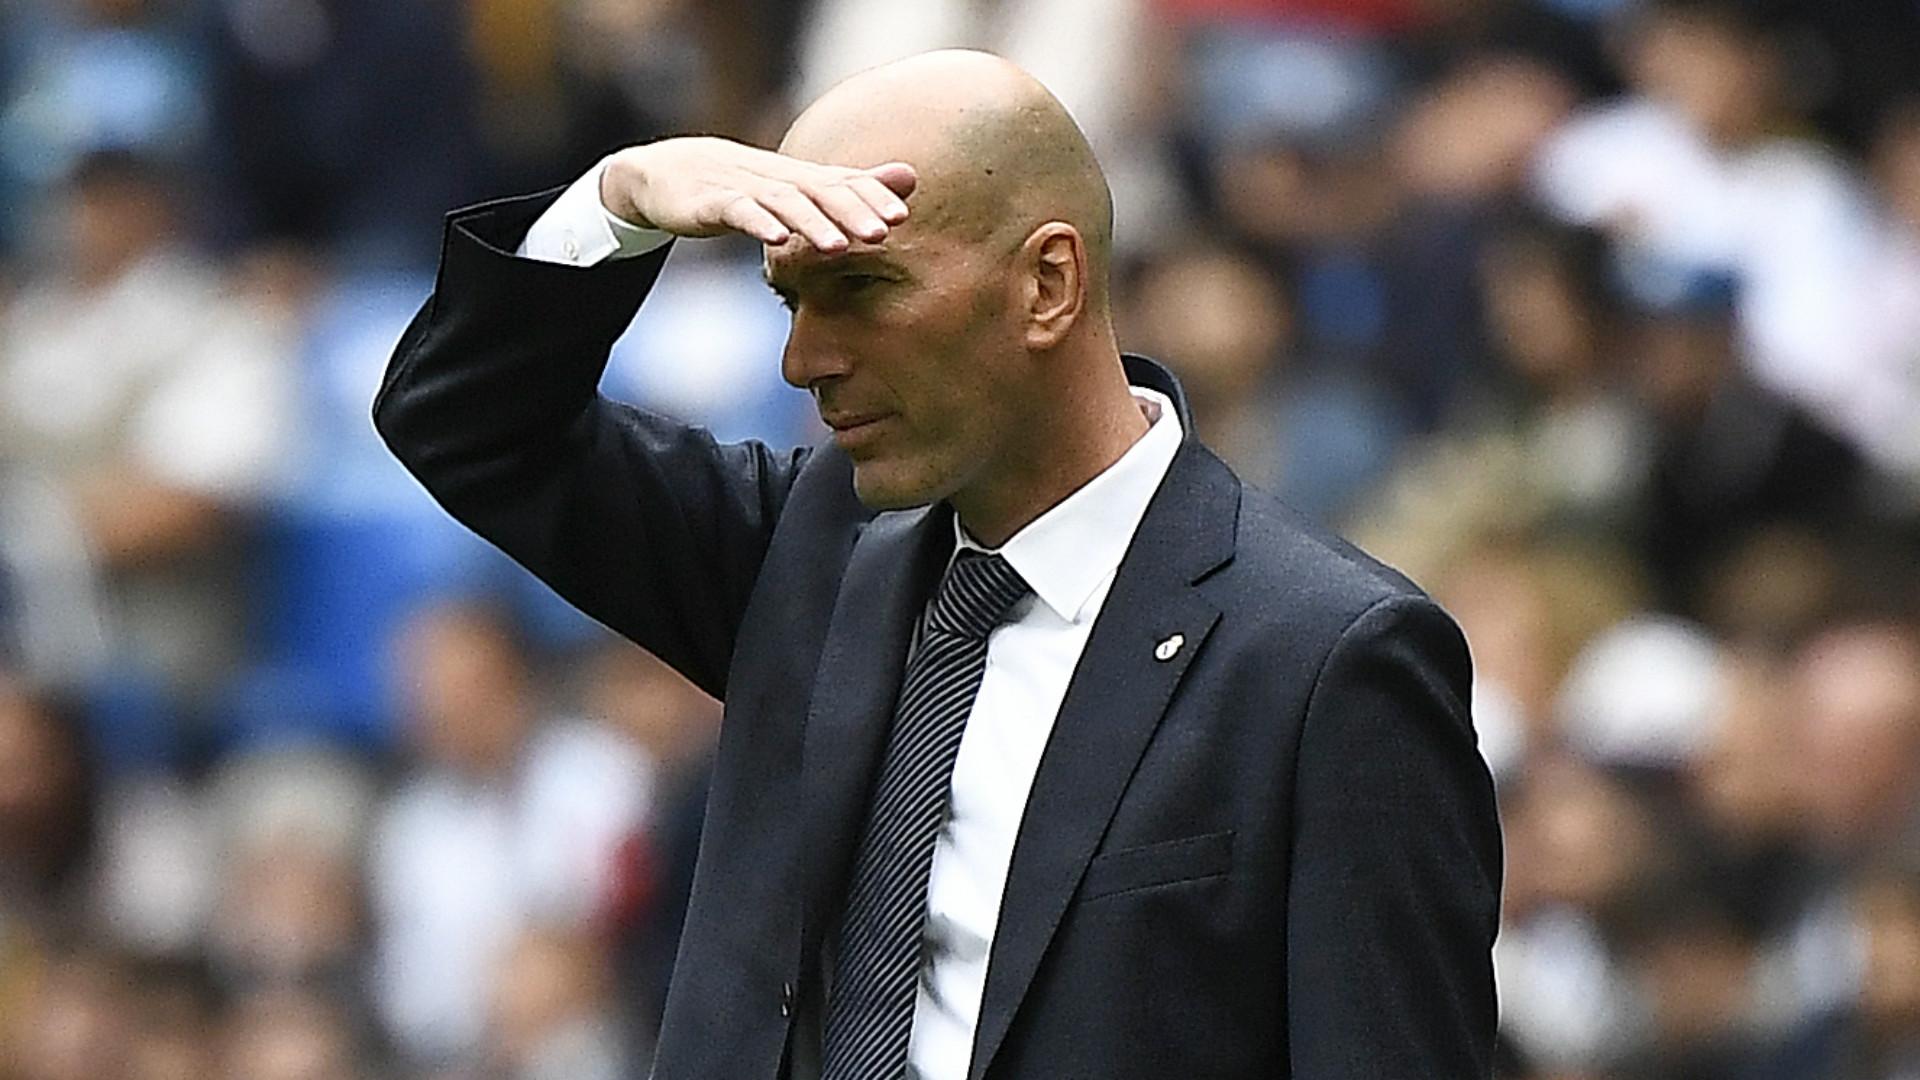 Le joueur le plus performant du Real Madrid n'est pas celui que vous croyez